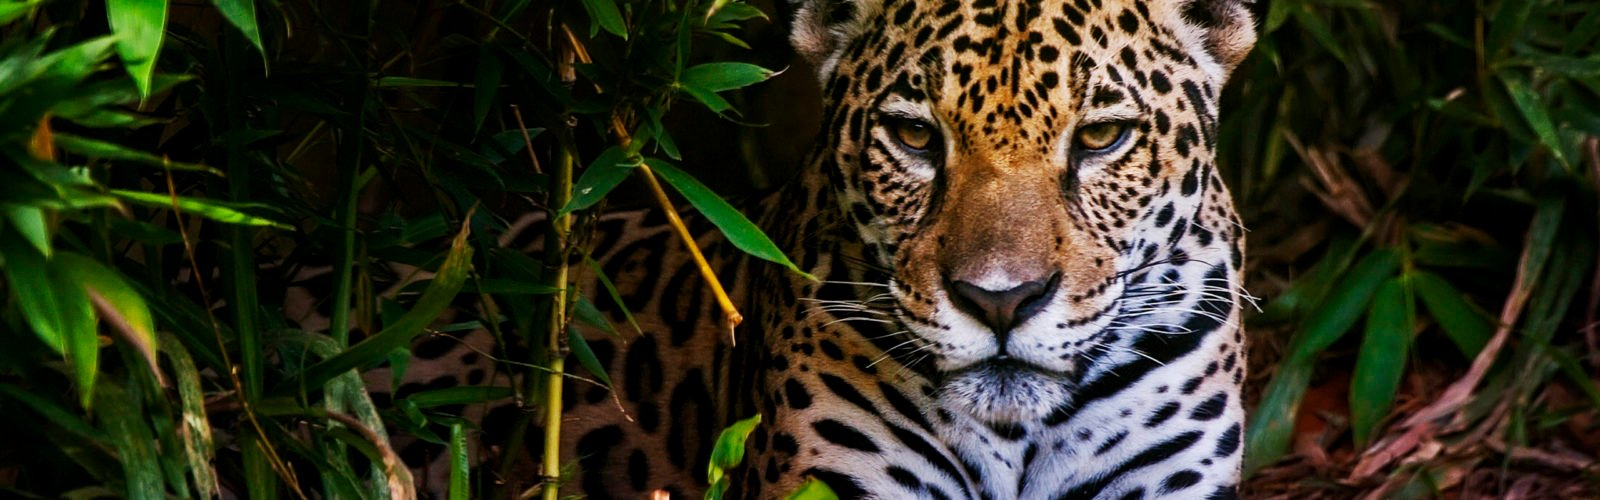 brazil-jaguar-pantanal